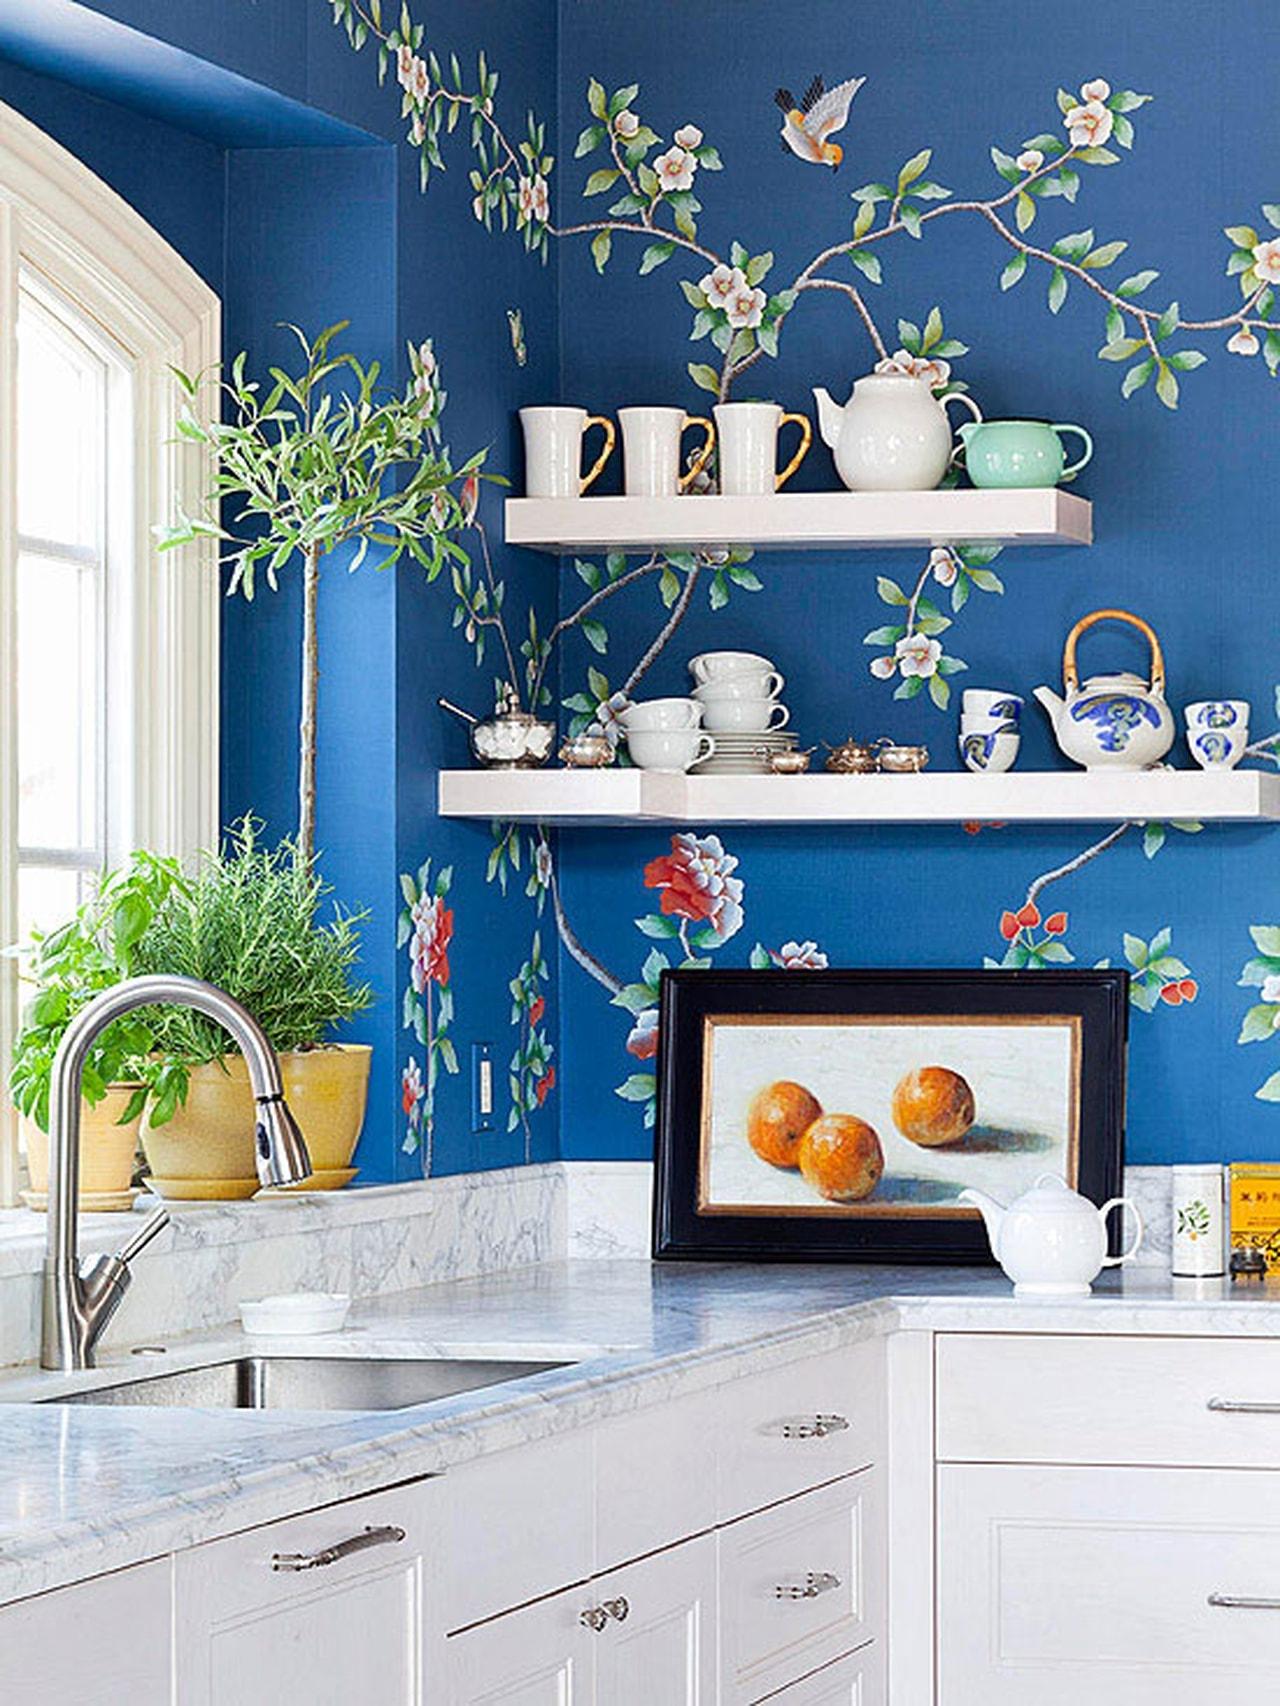 Кухня в стиле ретро фото стационарное учреждение